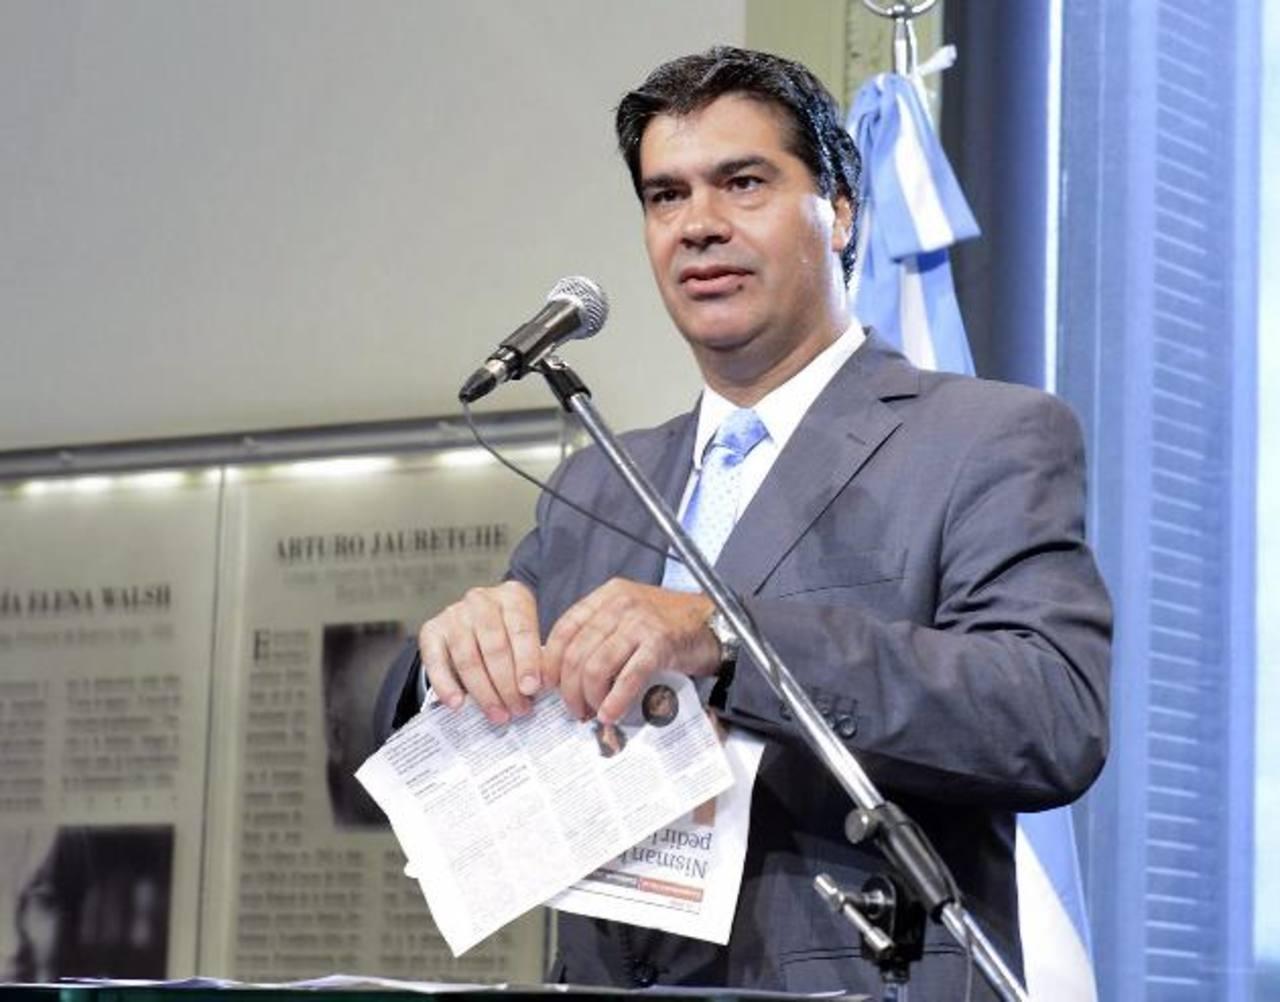 El jefe de Gabinete, Jorge Capitanich, rompe el diario Clarín con artículos que molestaron al gobierno de Cristina Fernández. foto edh / efe